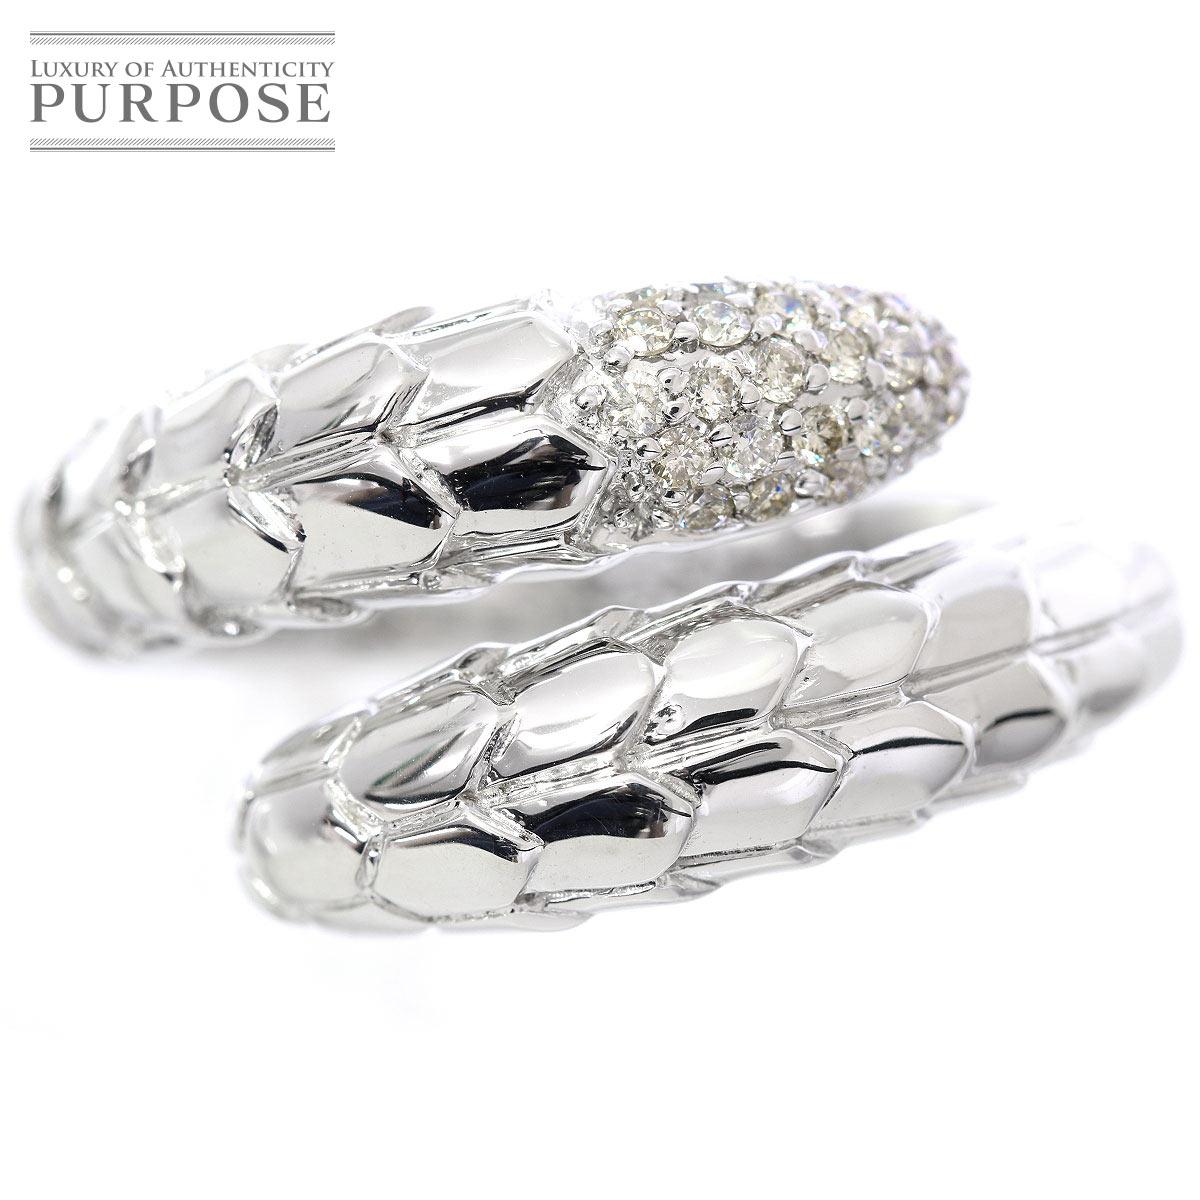 【新品仕上げ】 ダイヤ 0.25ct スネーク K18WG リング 14号 18金ホワイトゴールド ダイア 指輪 【中古】